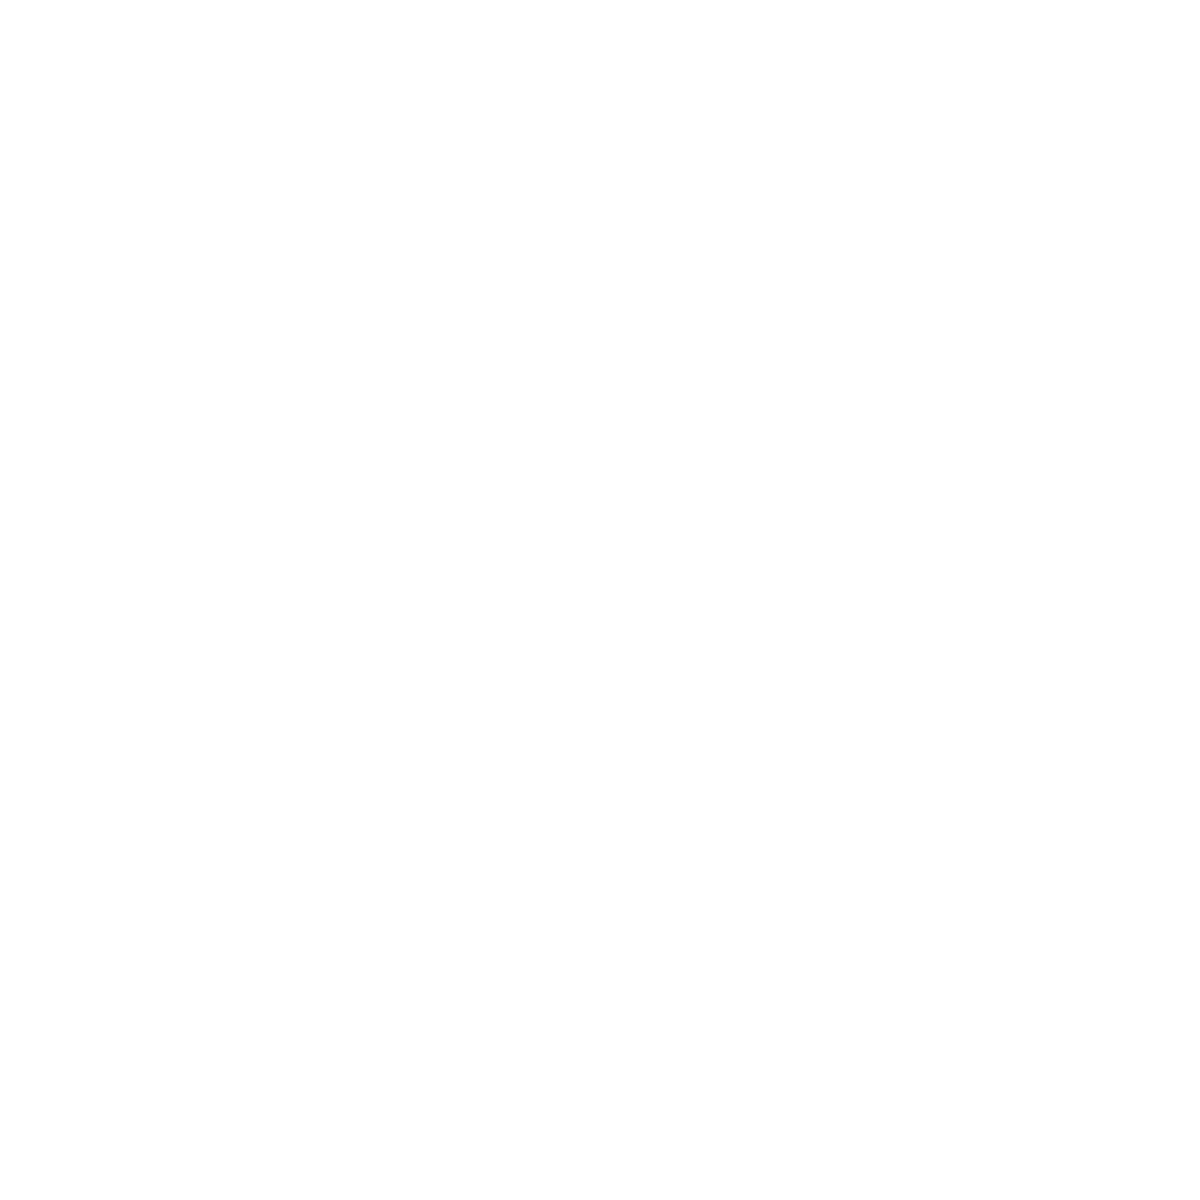 B2B-Logos-White_0008_Mcdonalds.png